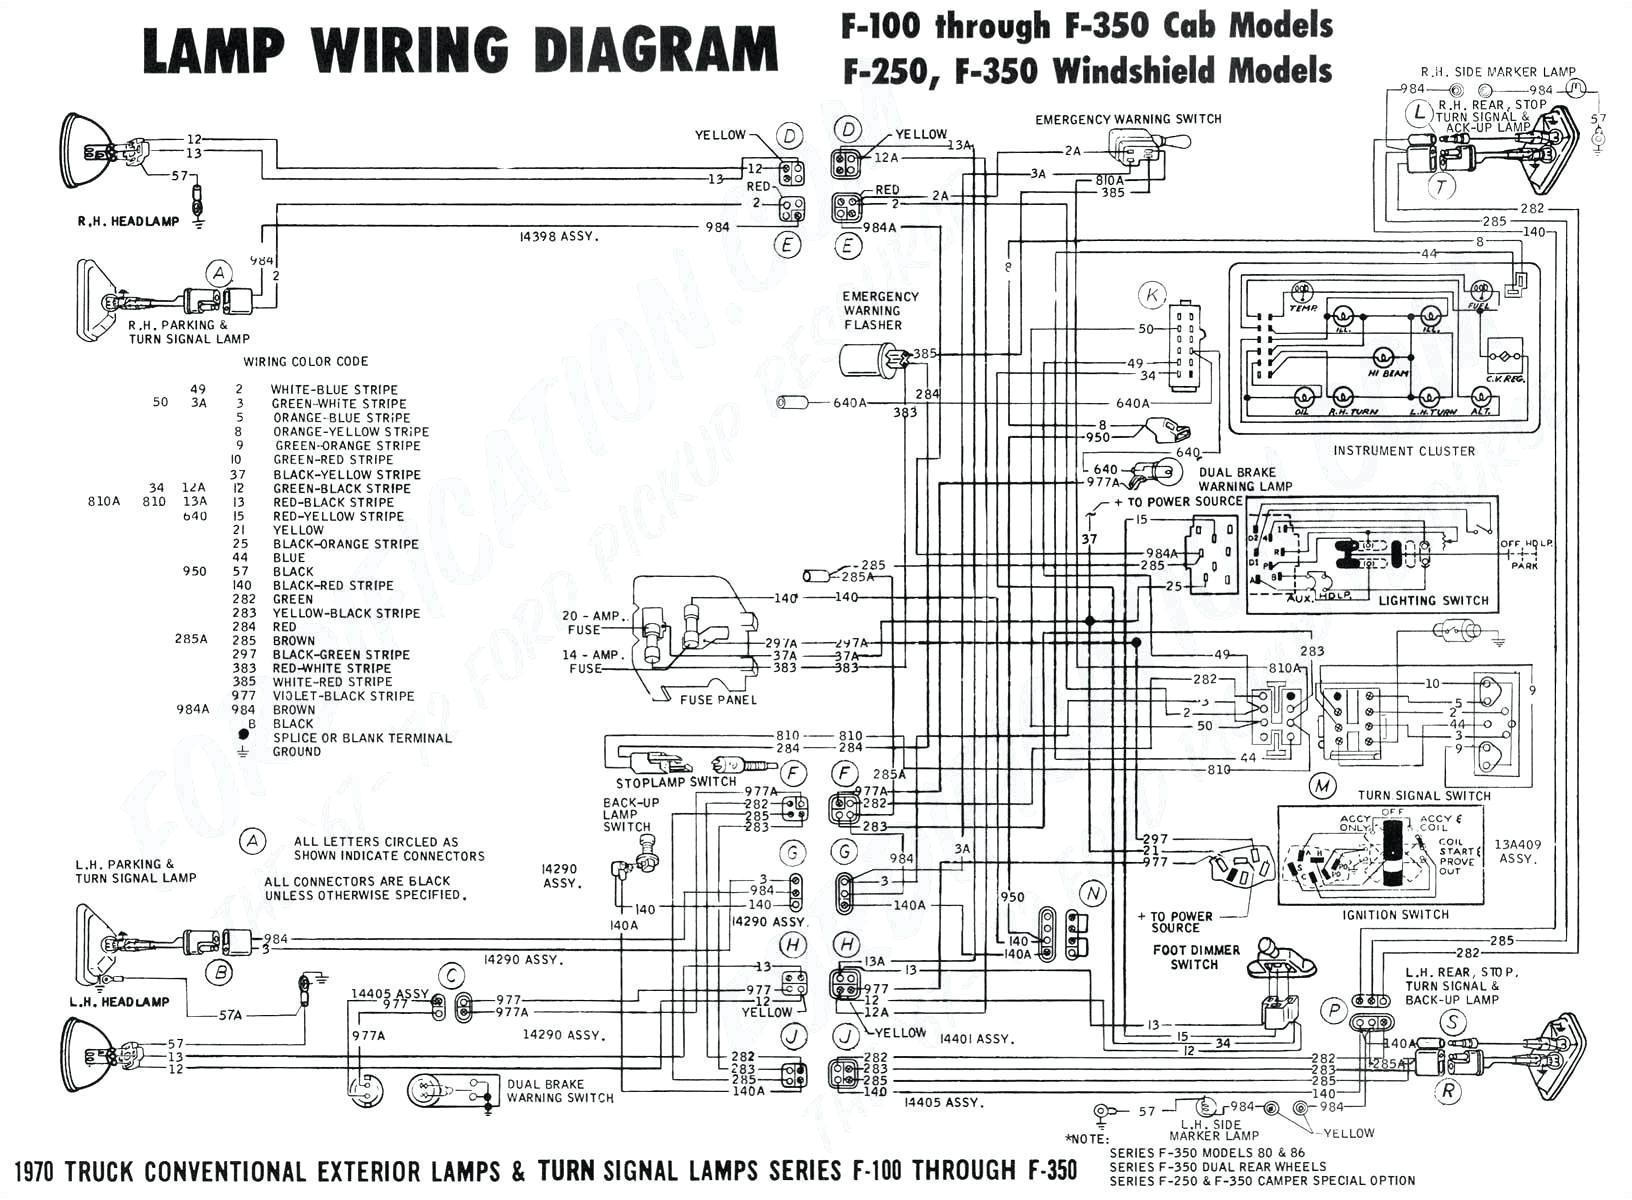 1989 skeeter boat wiring diagram wiring diagram kenwood kdc 138 wiring diagram 1989 skeeter boat